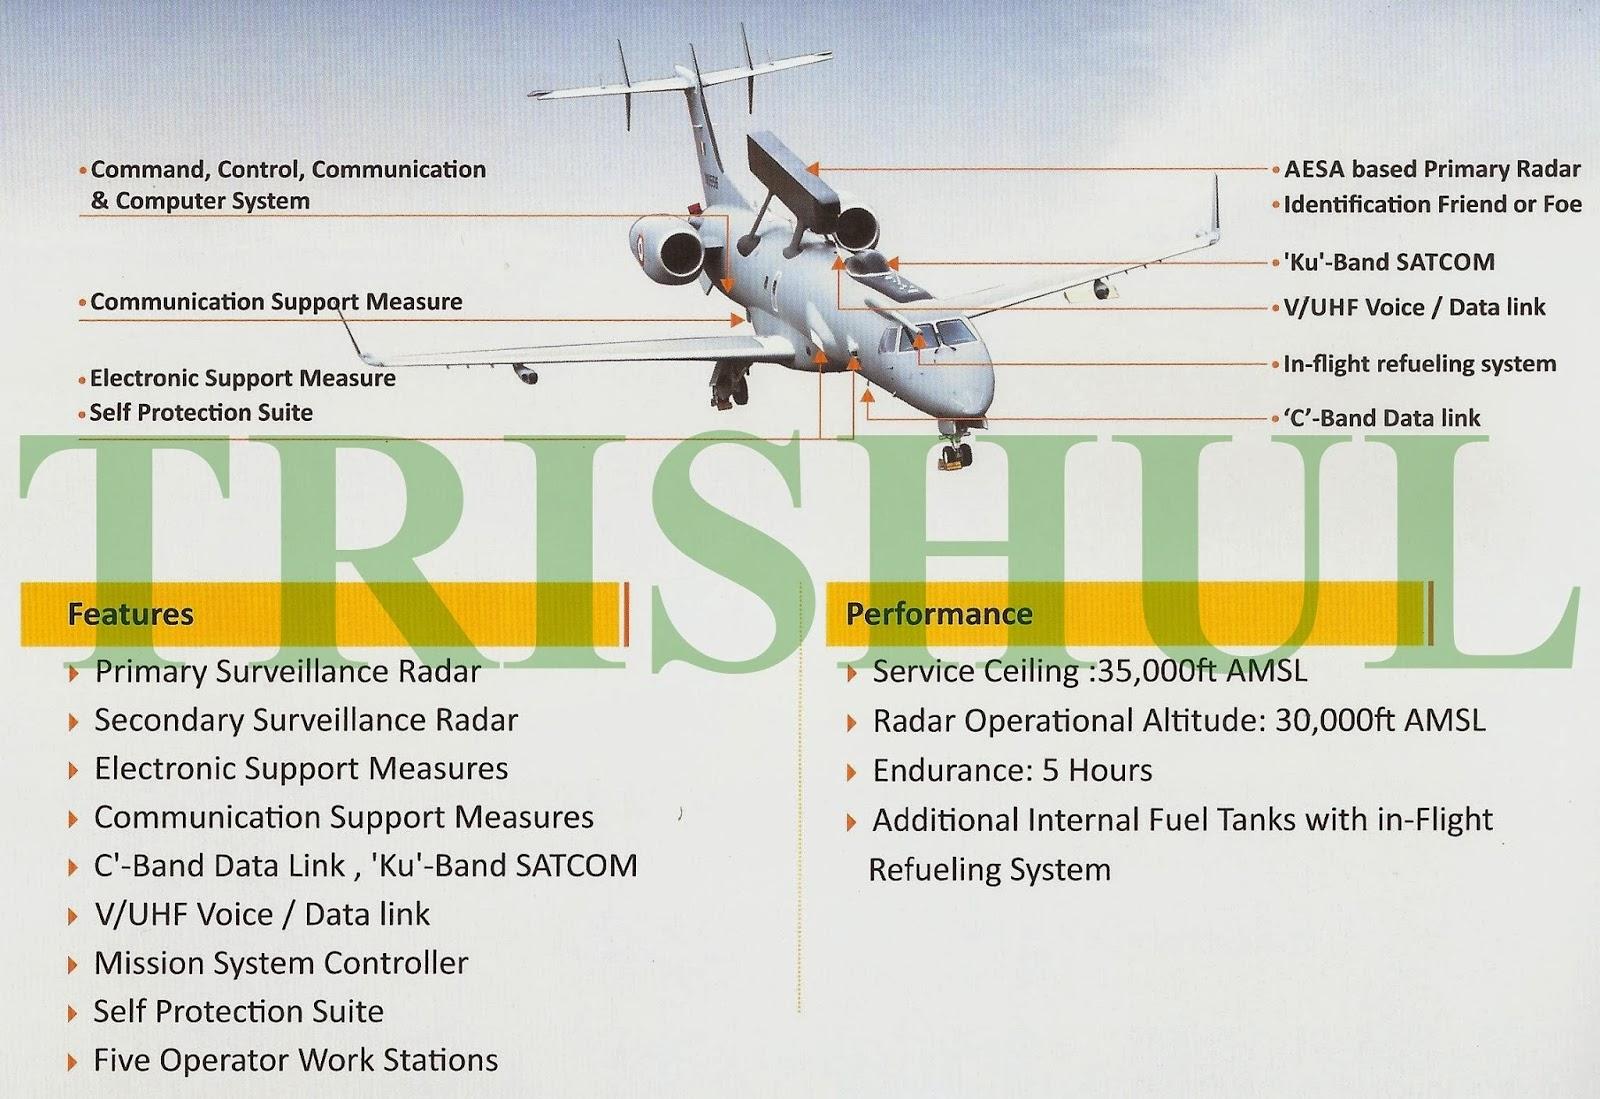 الجزائر قد تكون أول المشترين للطائرات اواكس الهندي AEW  EMB-145I+AEW+&+CS-1